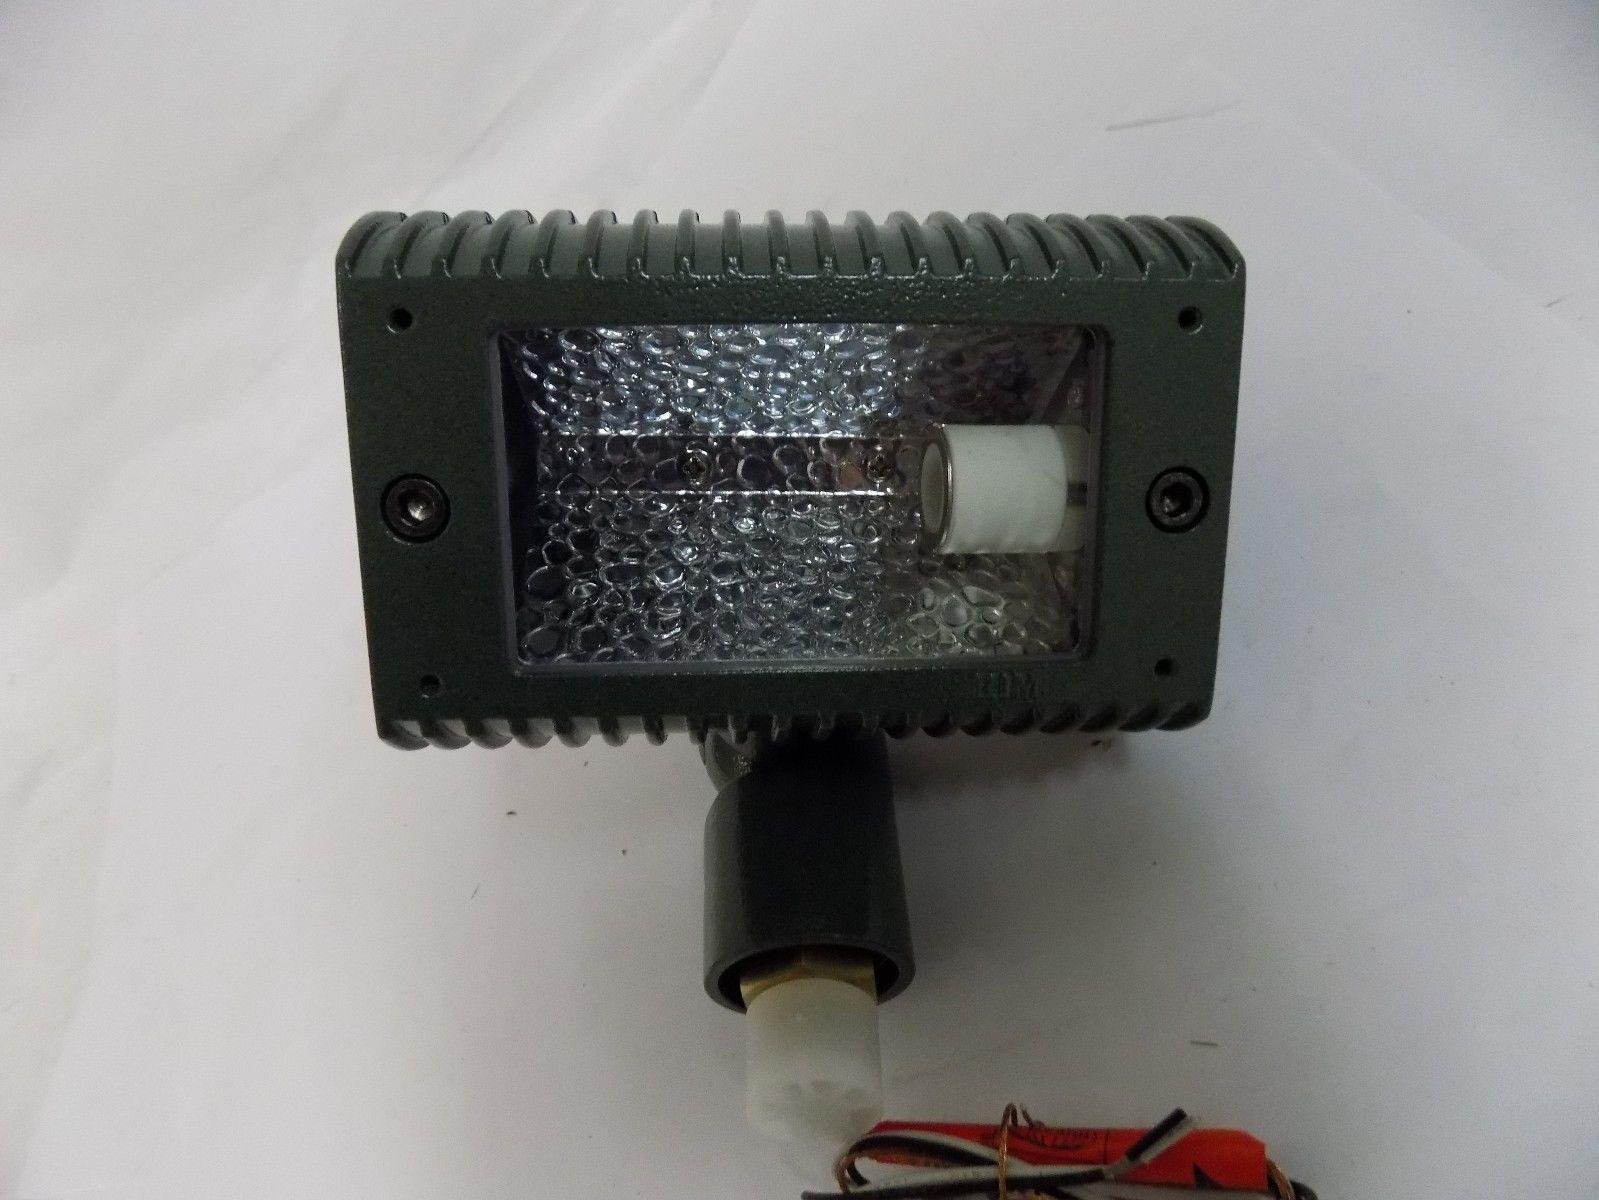 Kim Lighting 120V Line Voltage T3 Halogen Directional Landscape Light EL215GR